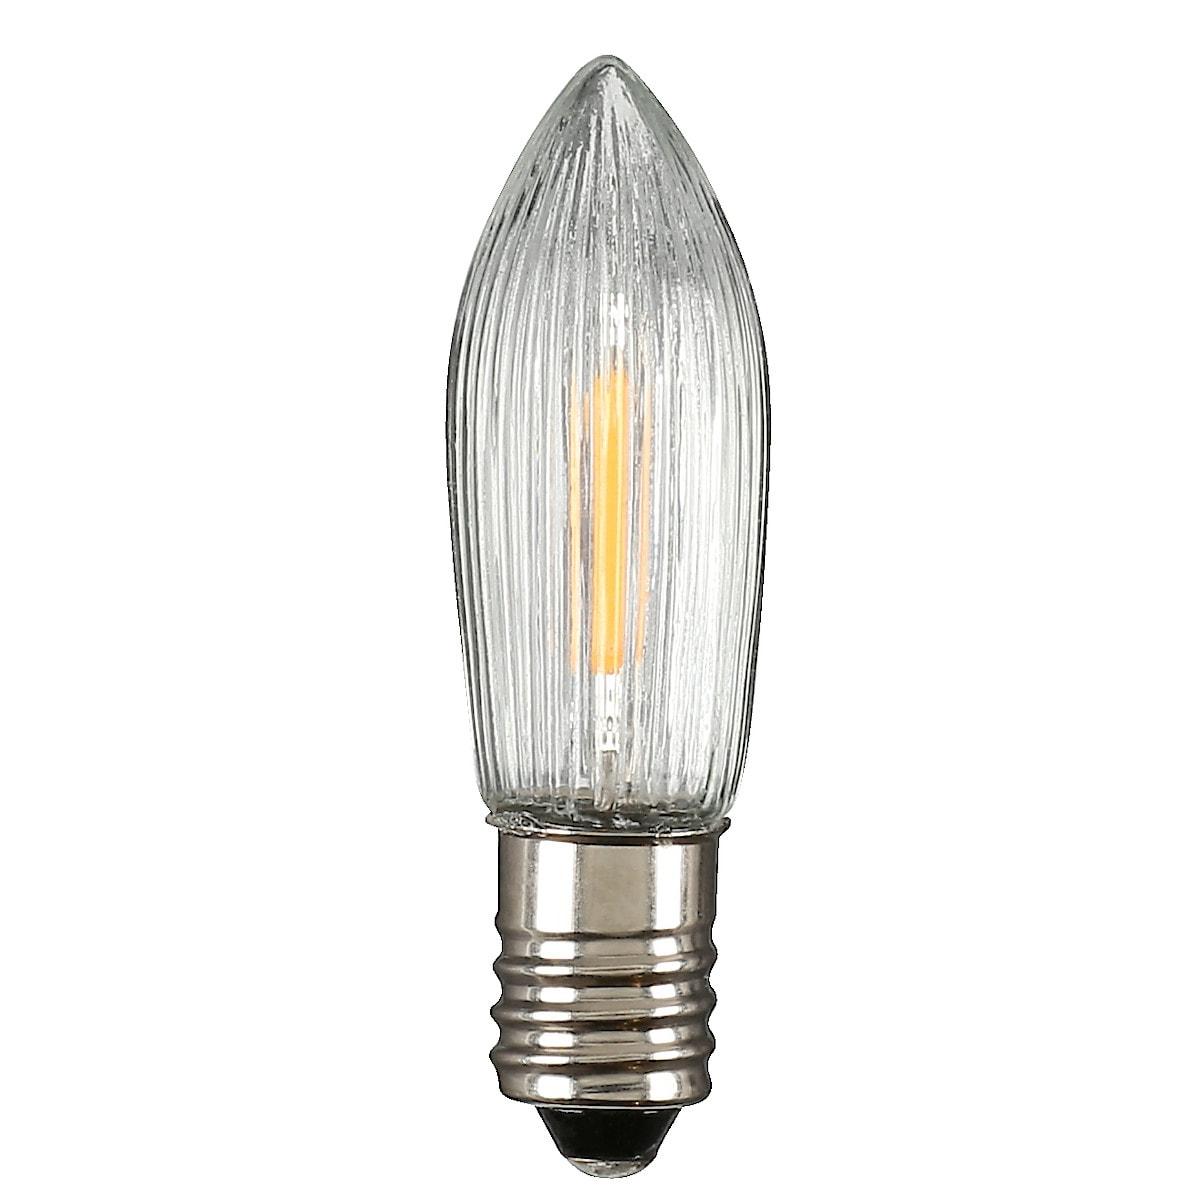 LED-Filament-Ersatzlampe 10-55 V 4er-Pack, Northlight